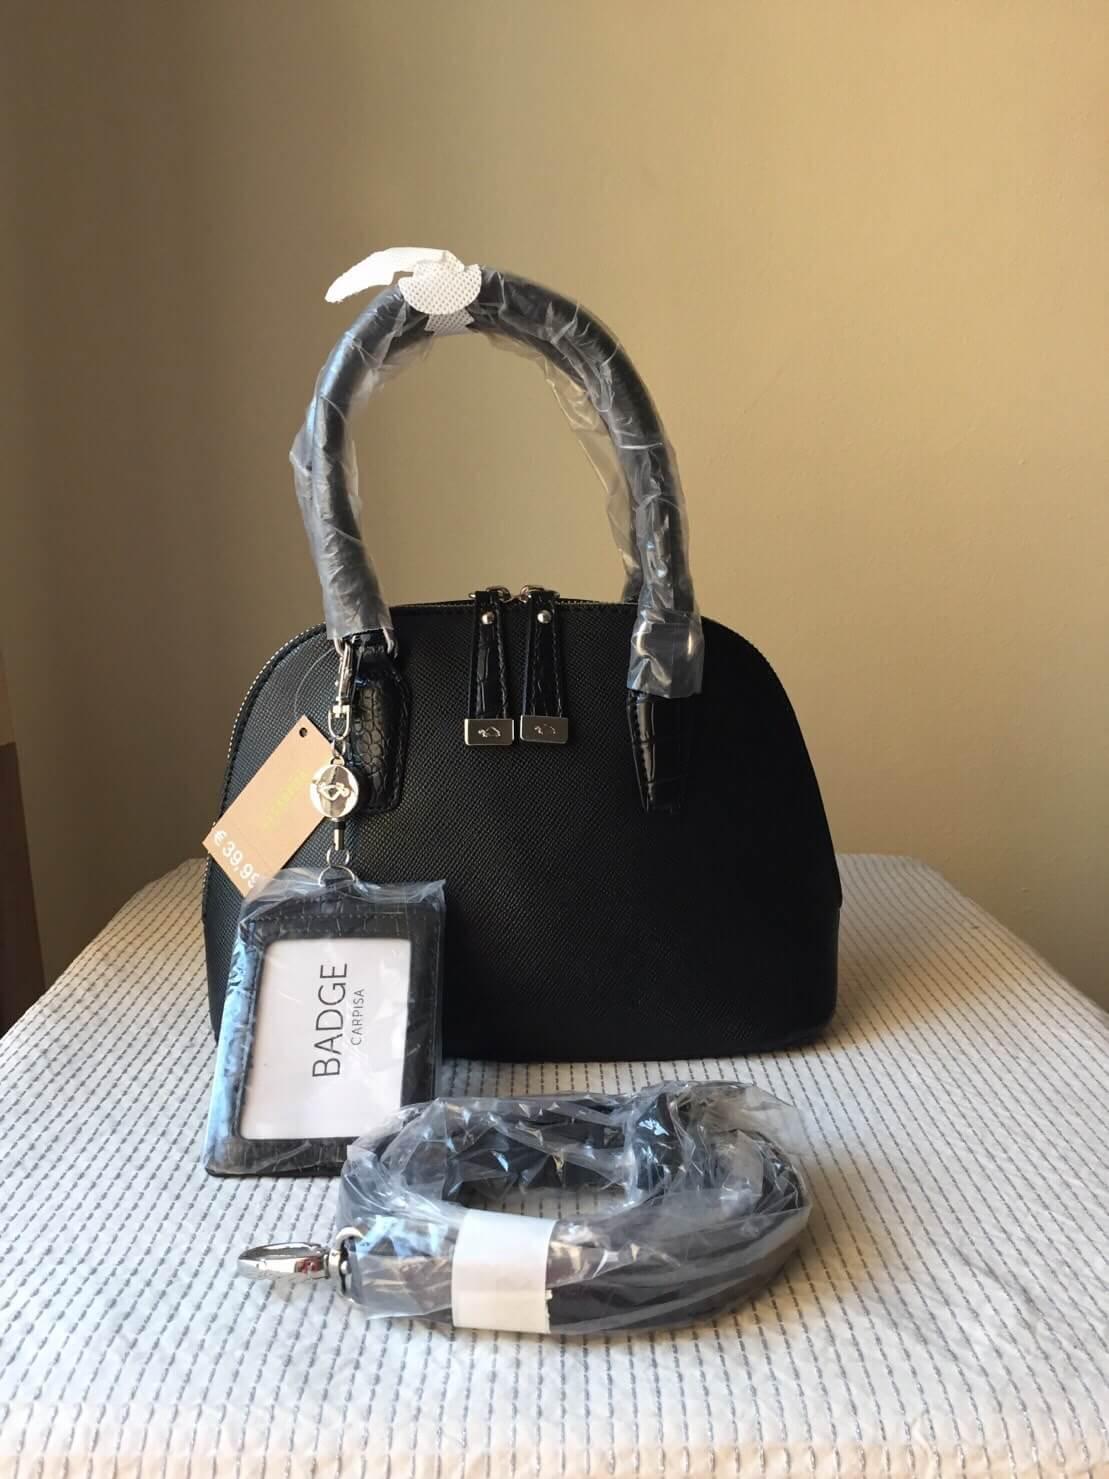 กระเป๋าหนัง Carpisa แบรนด์ดังจากอิตาลี หนัง saffiano ใบเล็ก